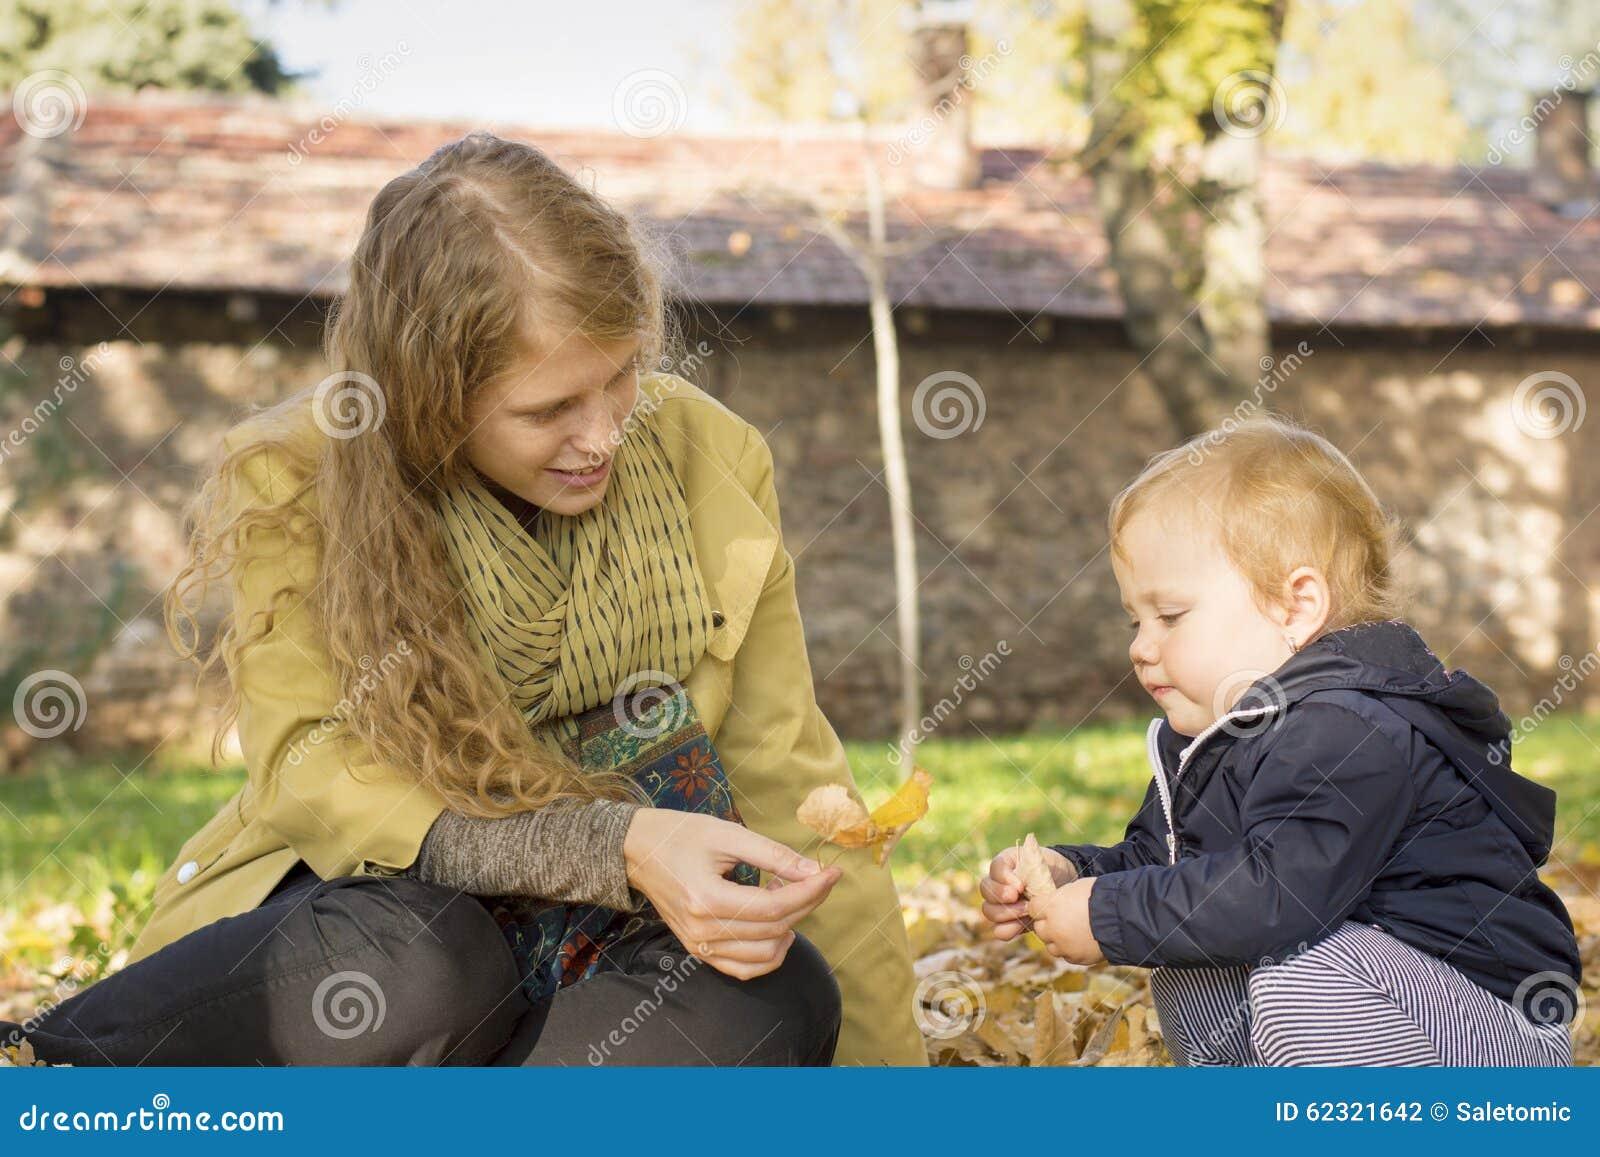 La mamá rubia juega con su hija dulce en el parque